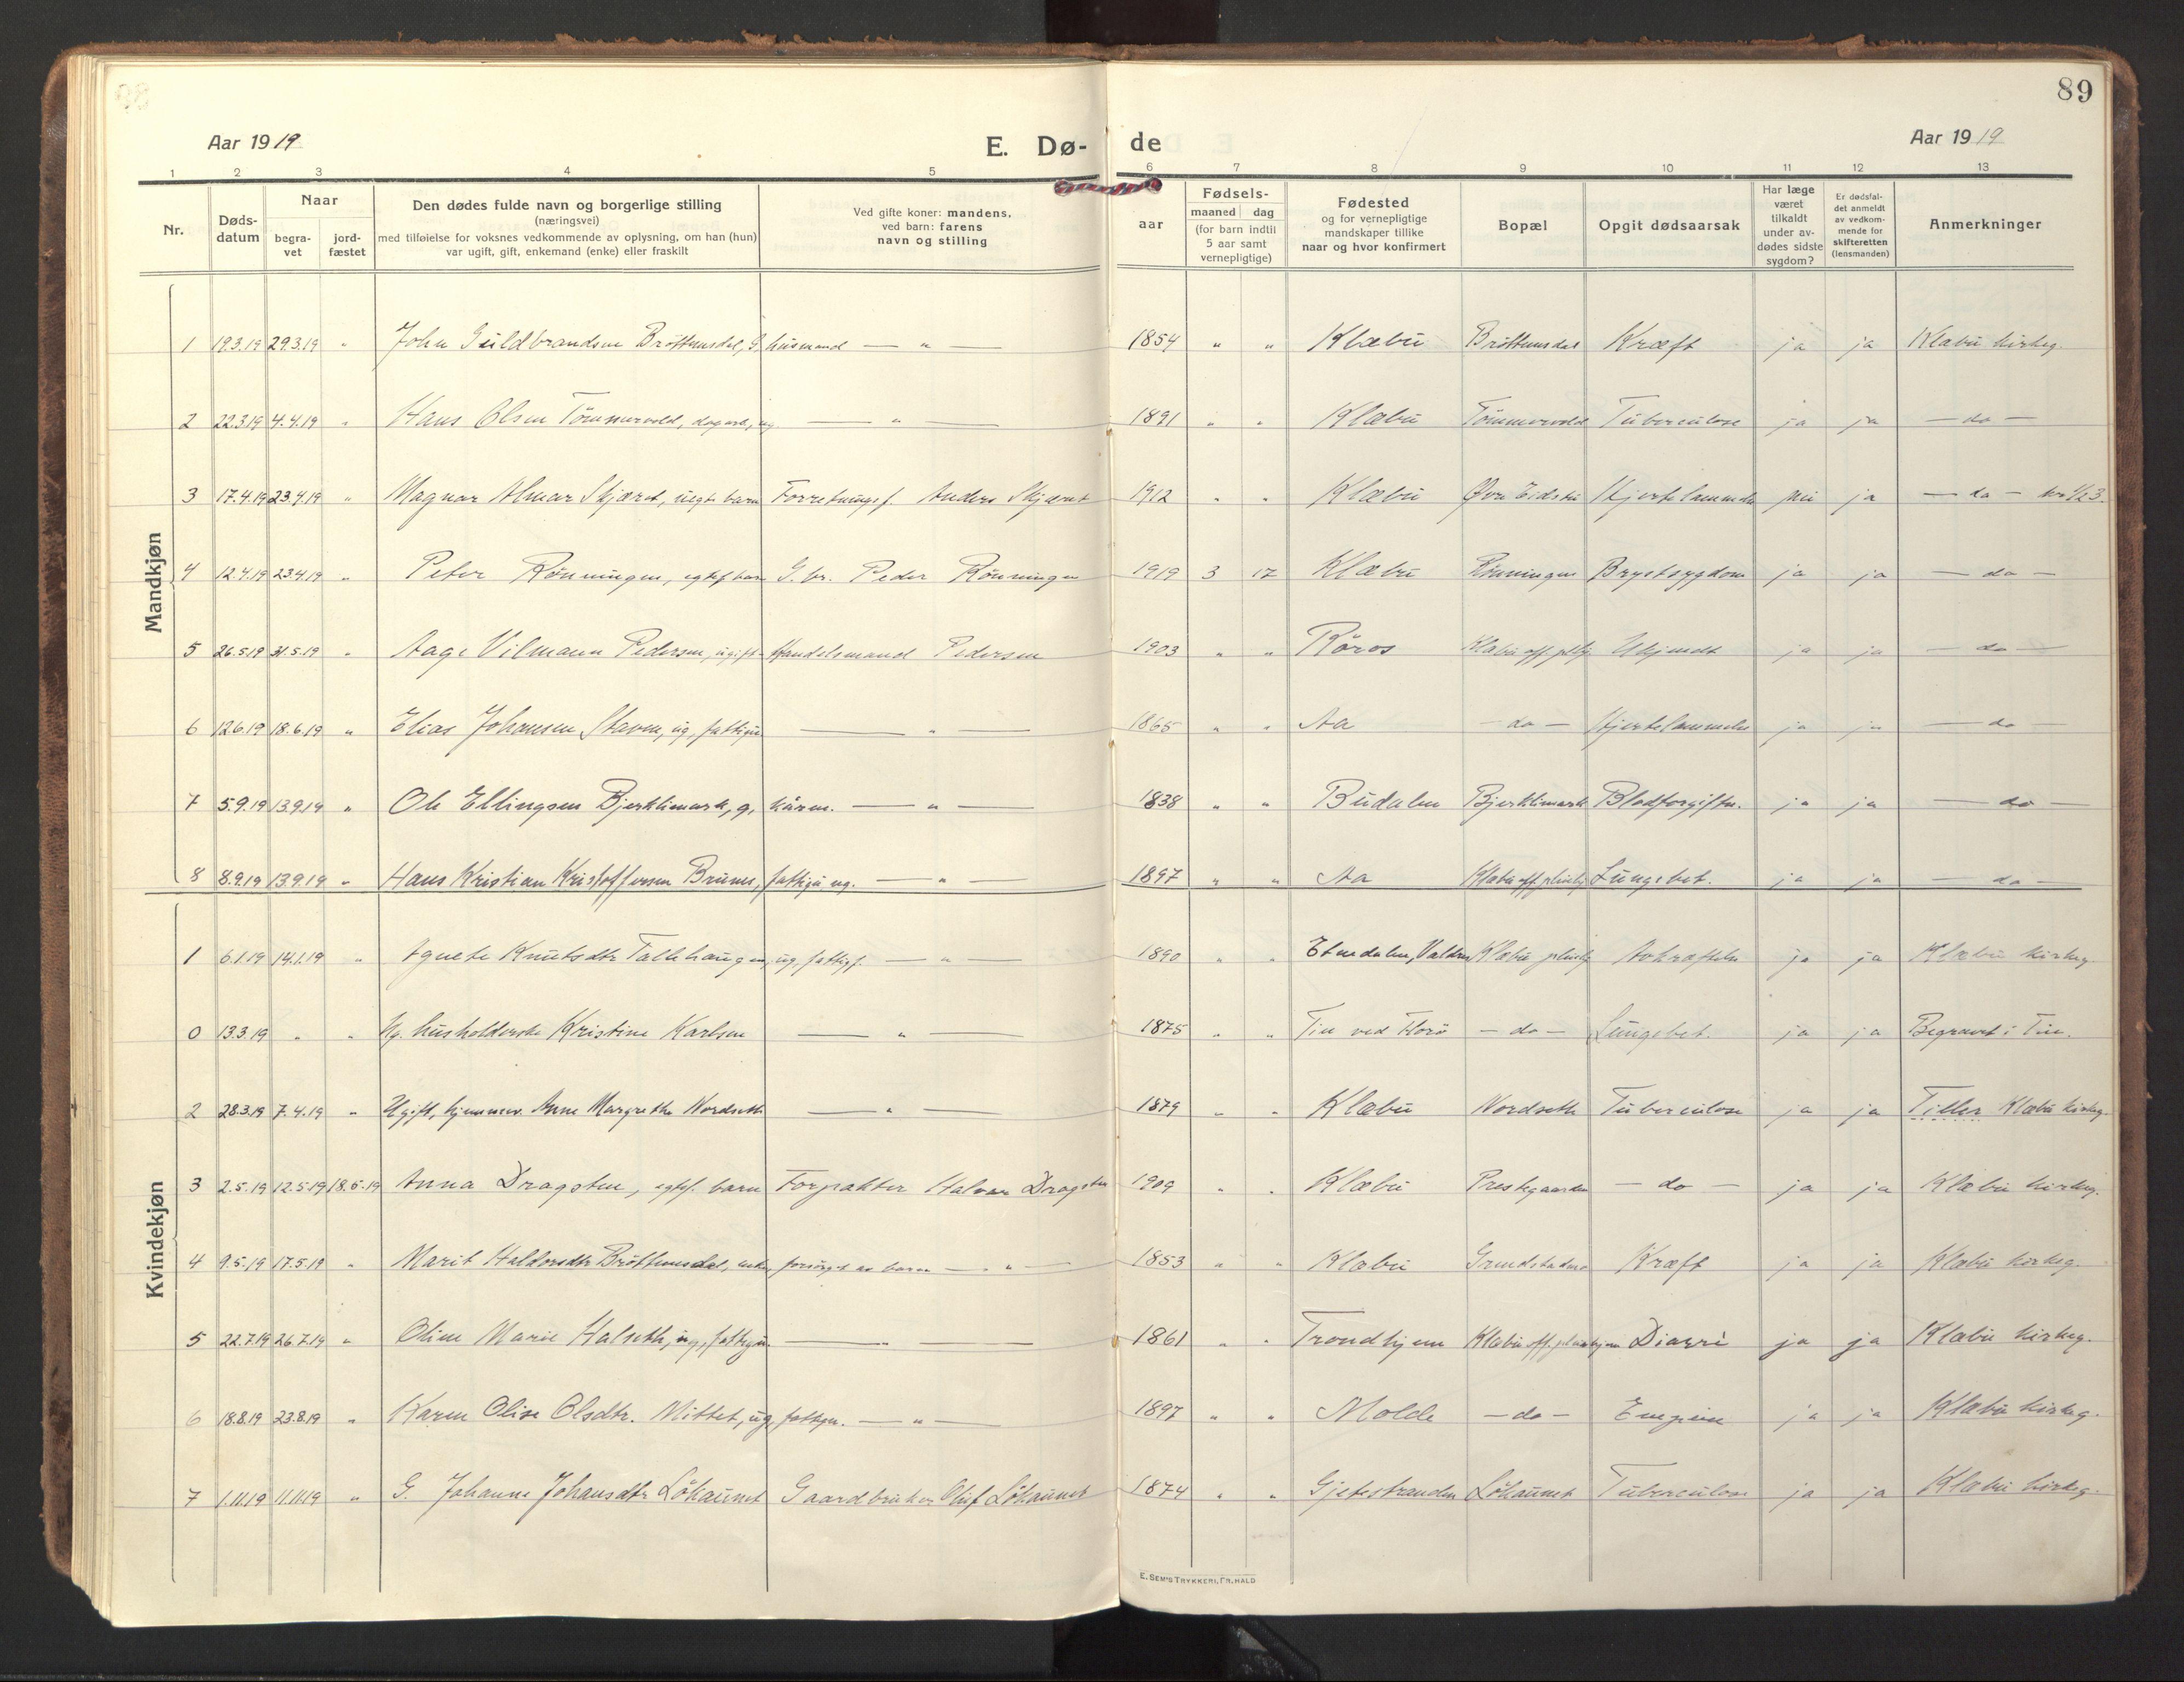 SAT, Ministerialprotokoller, klokkerbøker og fødselsregistre - Sør-Trøndelag, 618/L0449: Ministerialbok nr. 618A12, 1917-1924, s. 89